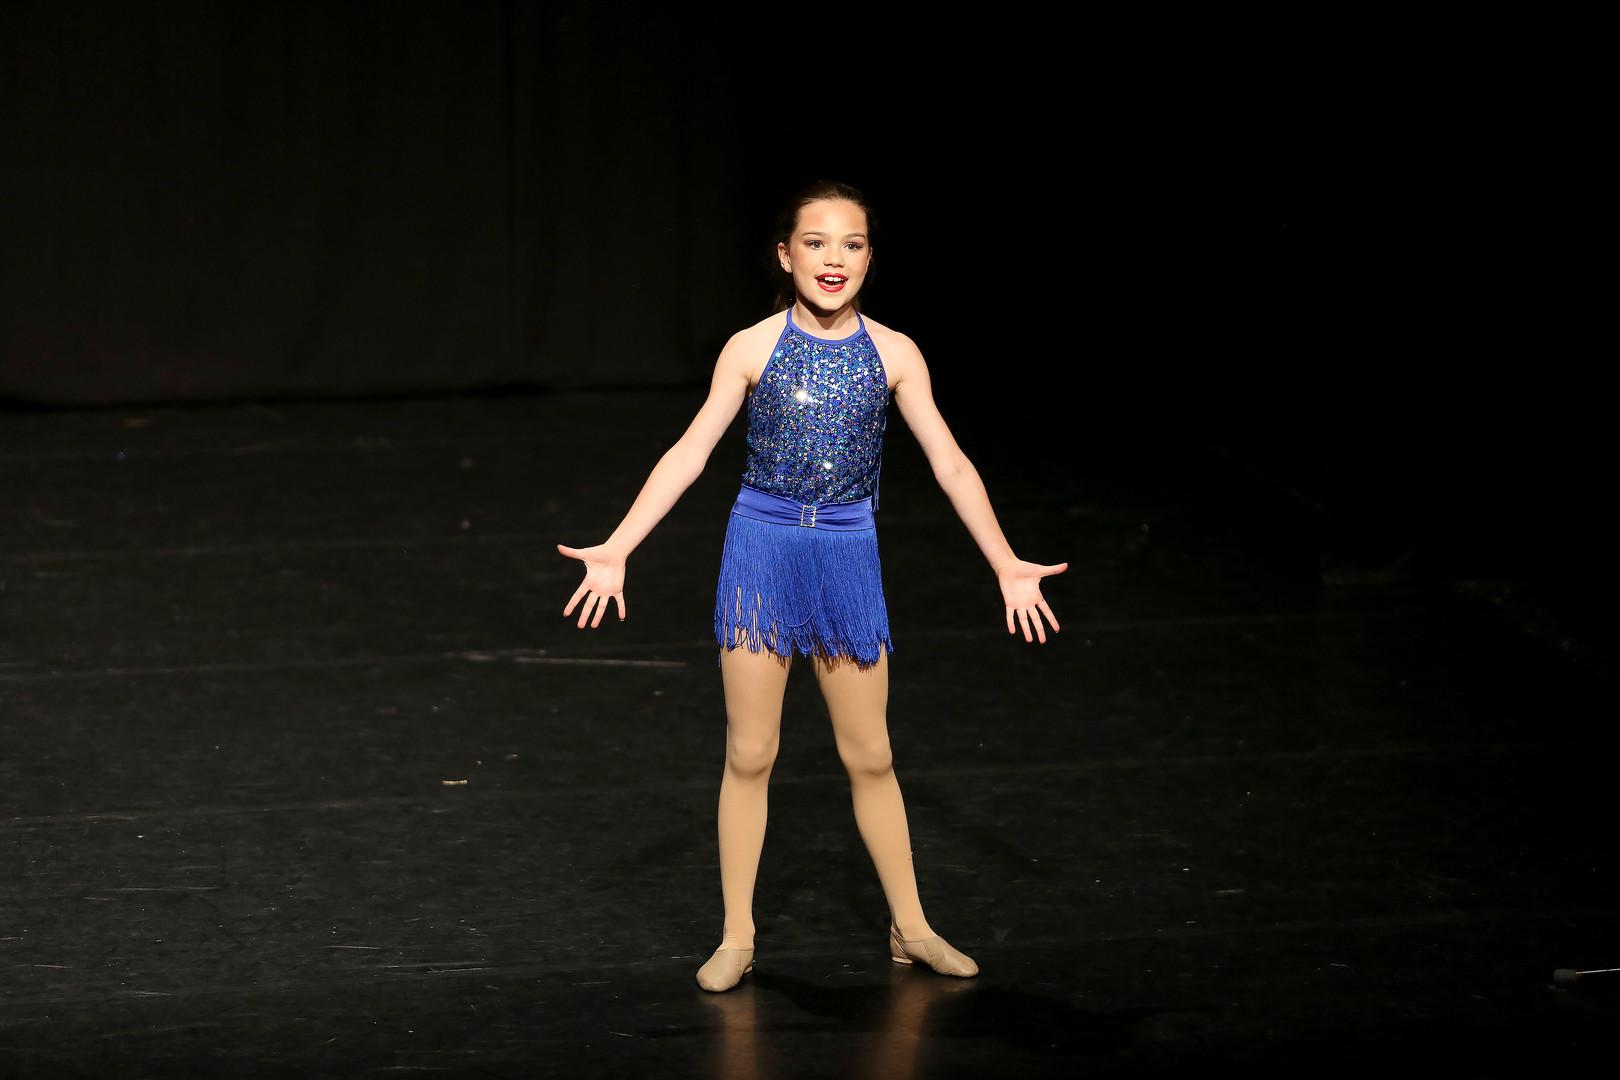 Emma R, Age 11